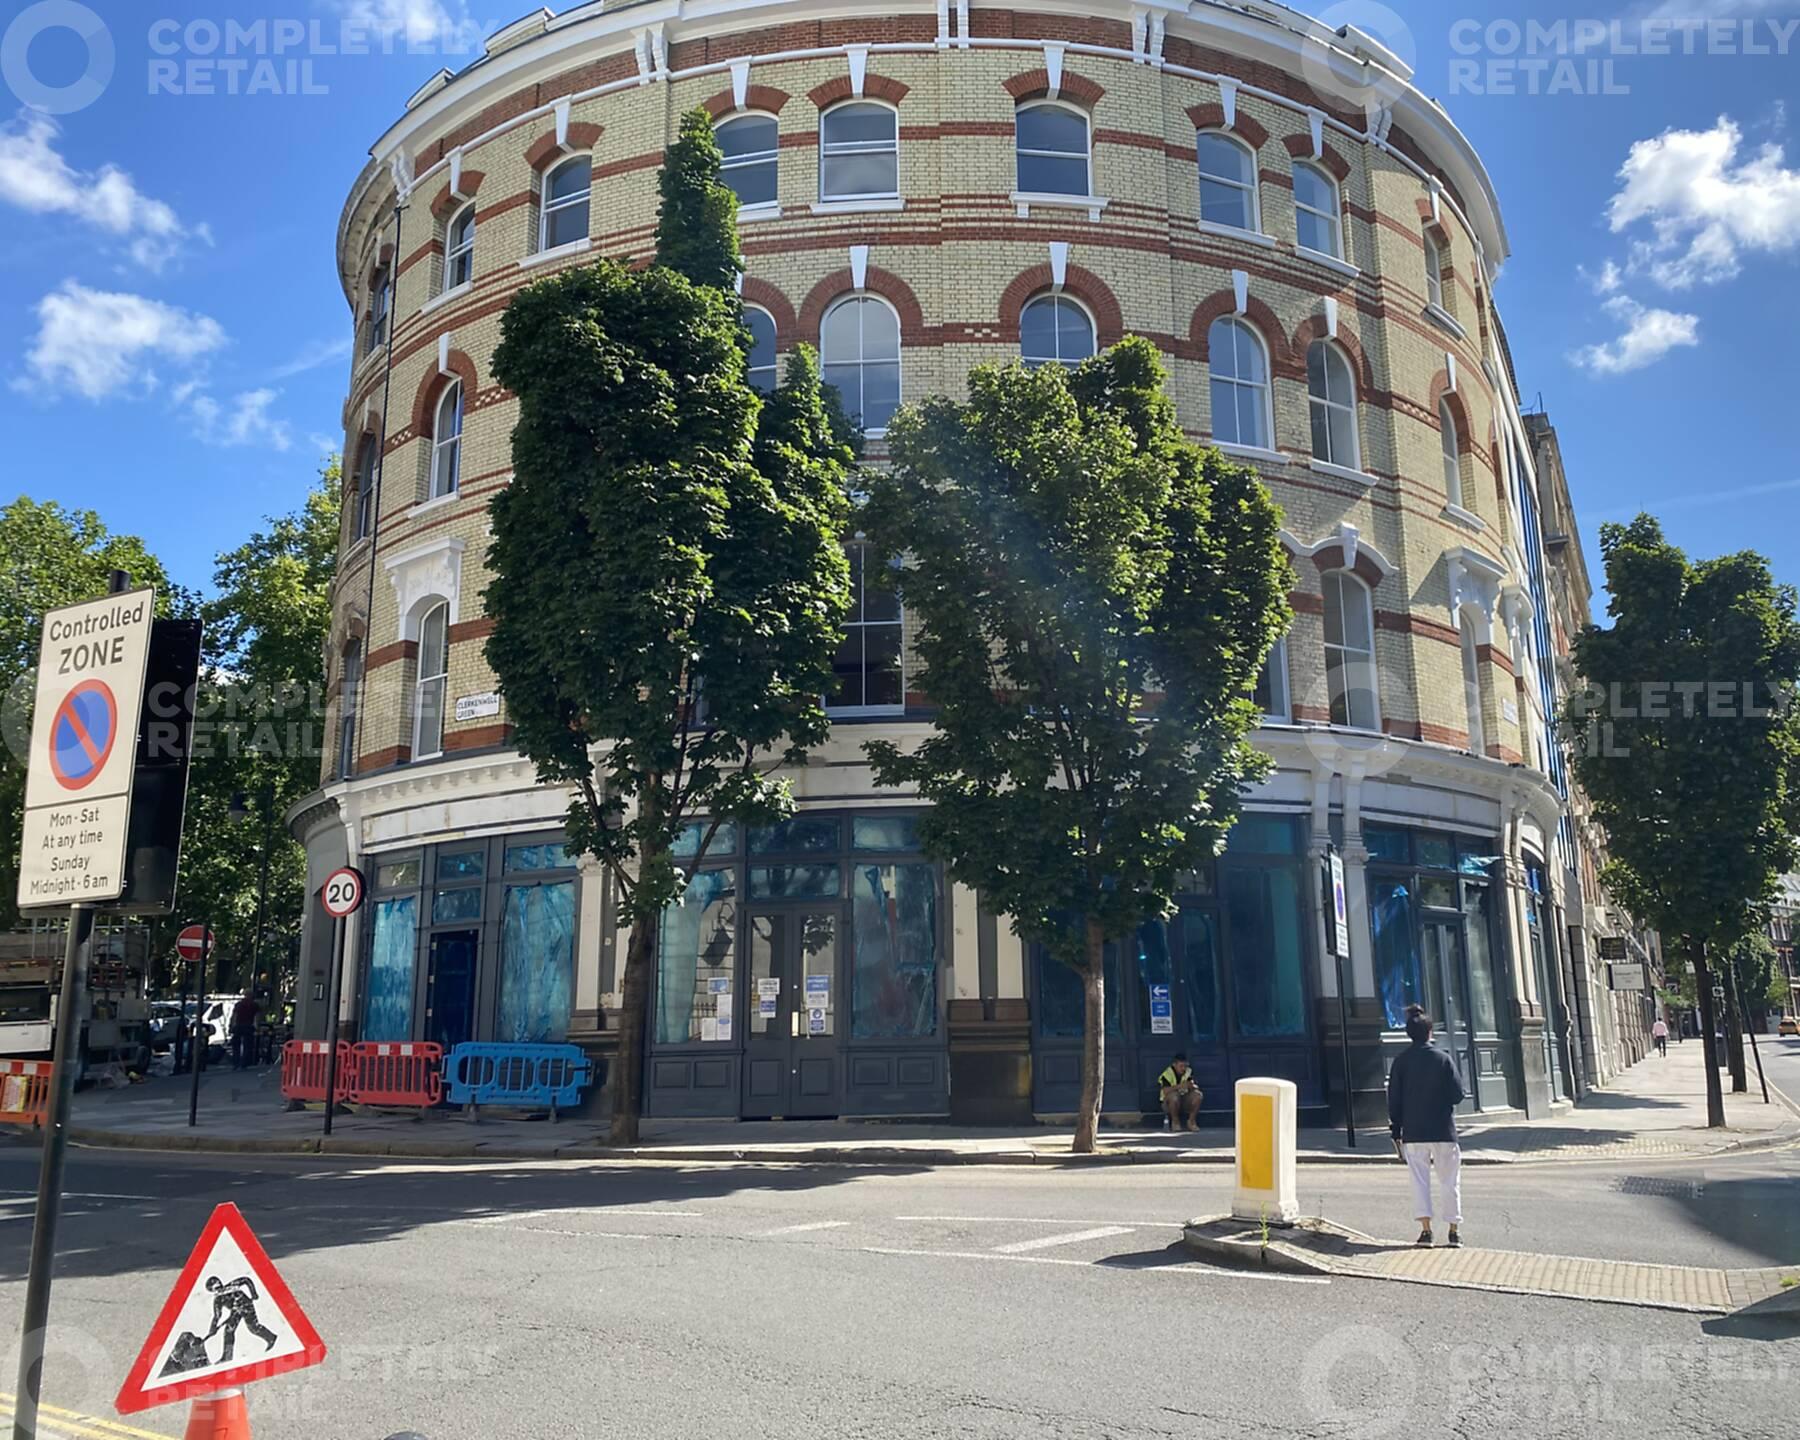 120 Clerkenwell Road